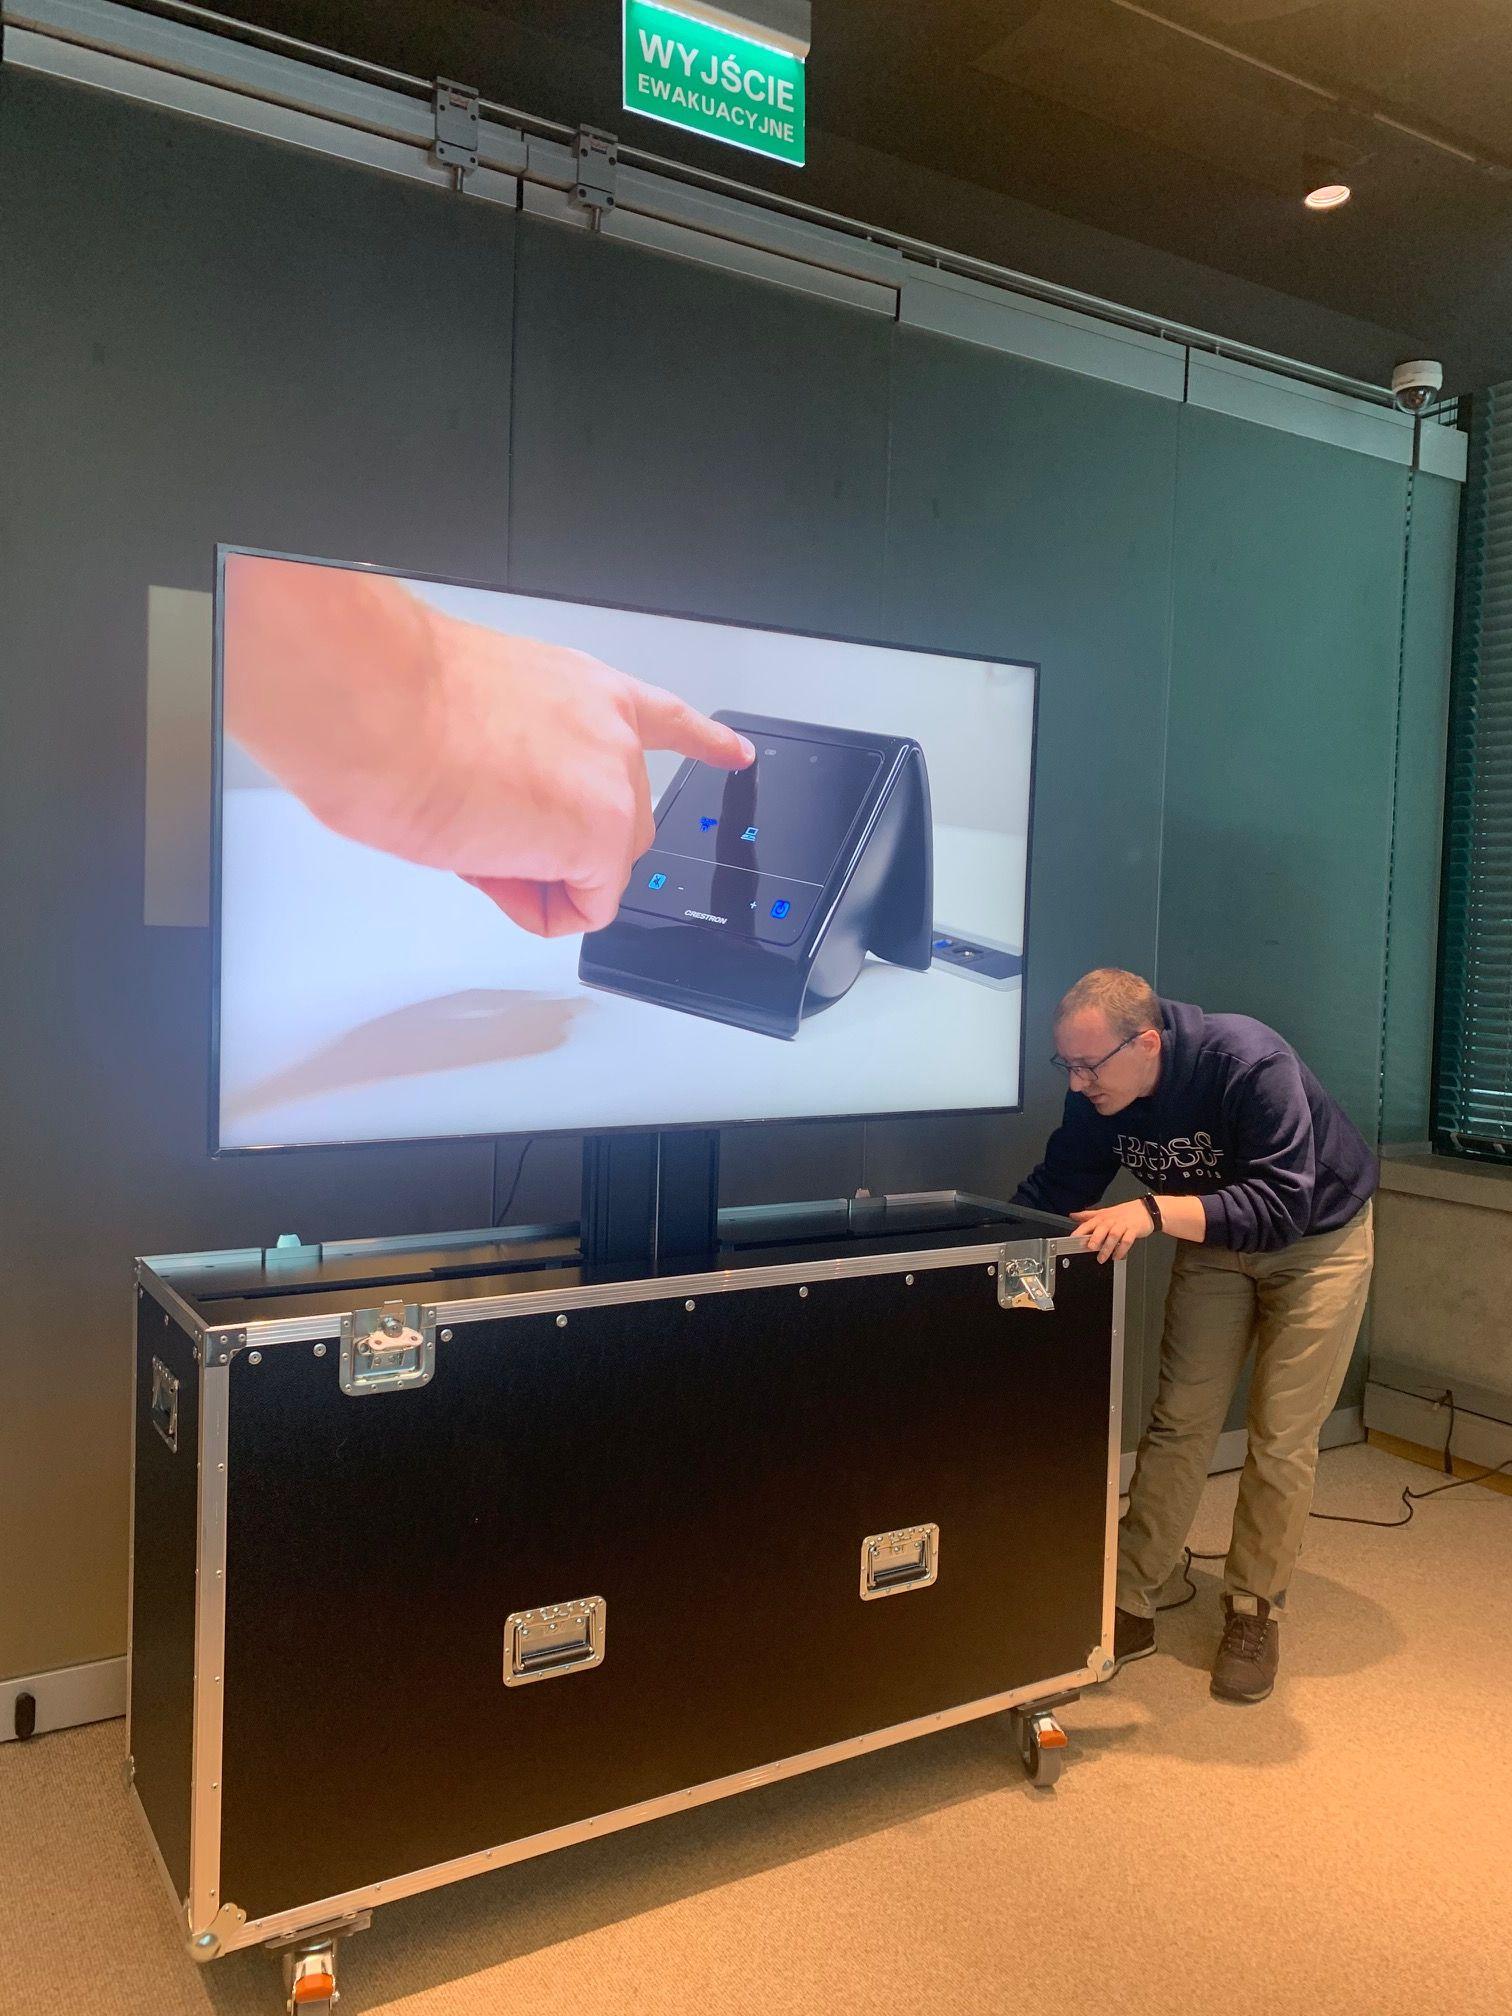 Skrzynia z mechanizmem wysuwającym z niej monitor Samsung